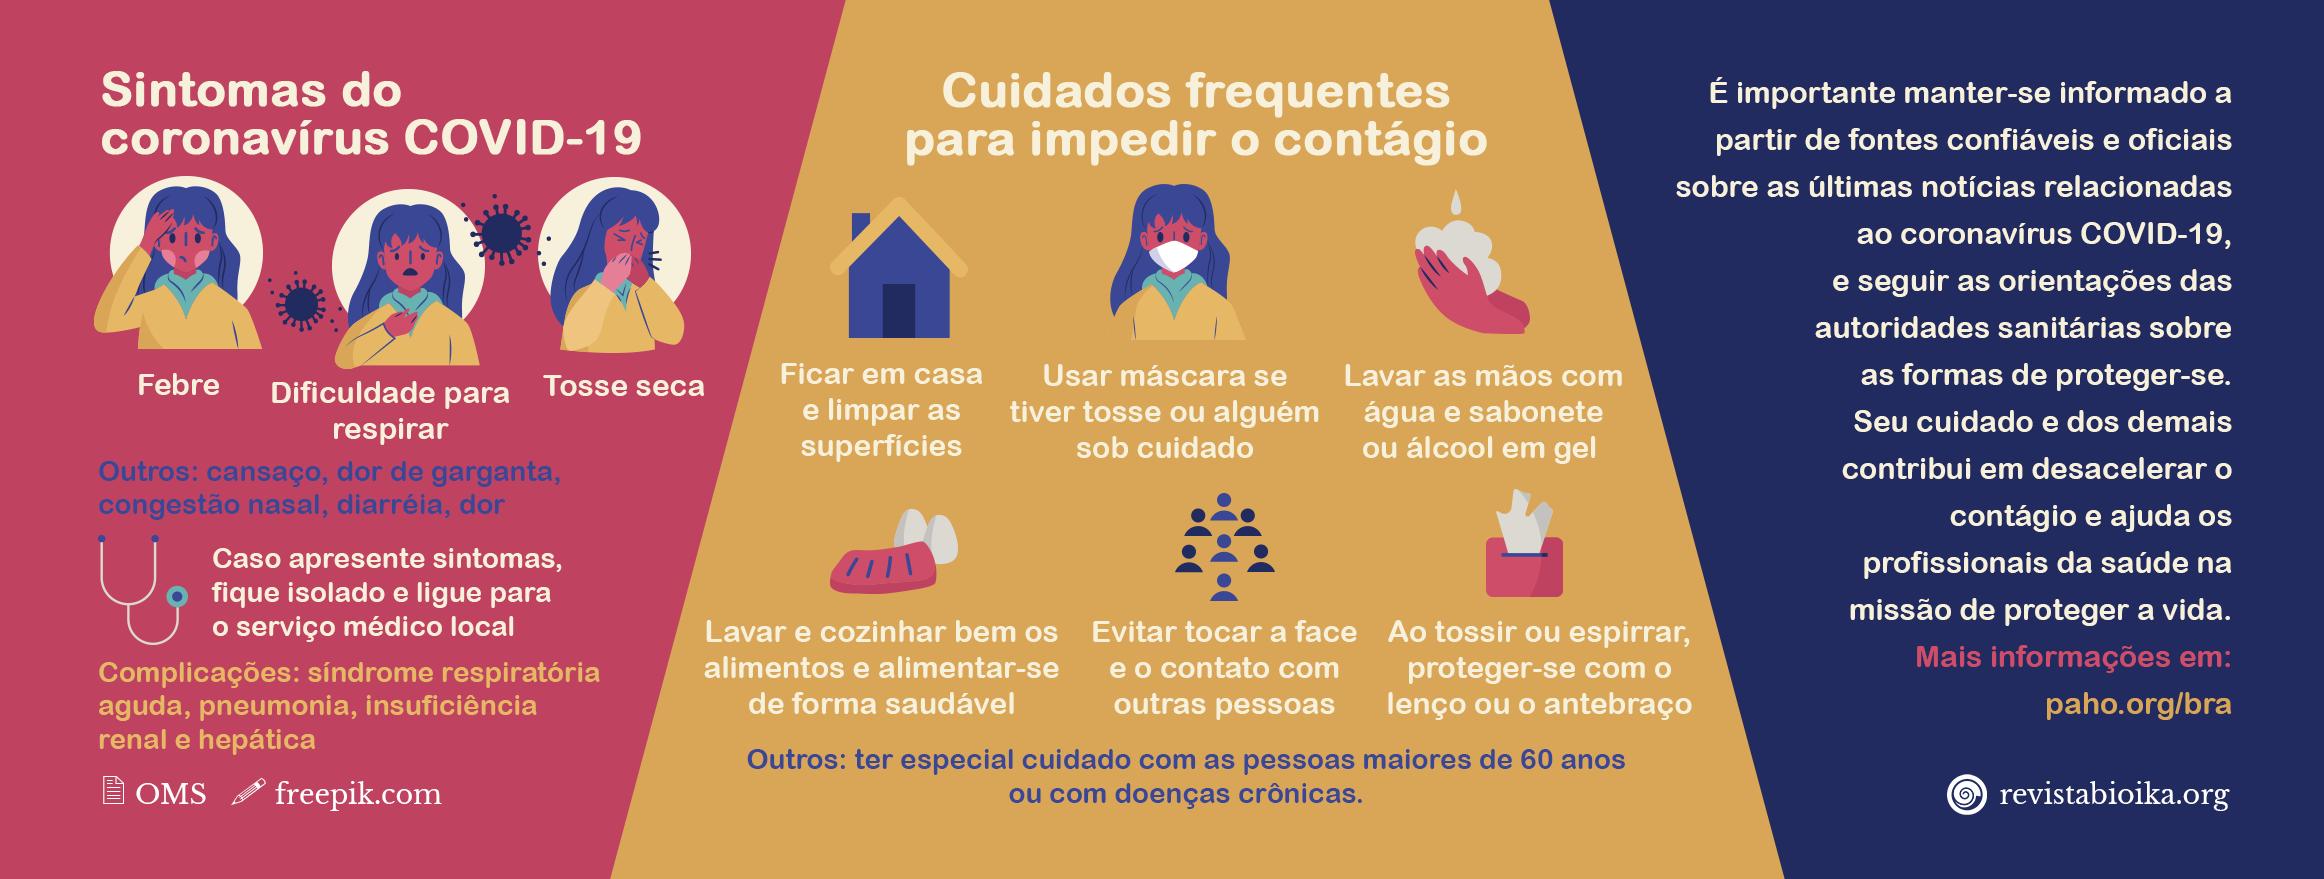 Banner sobre sintomas e cuidados do coronavírus (português)